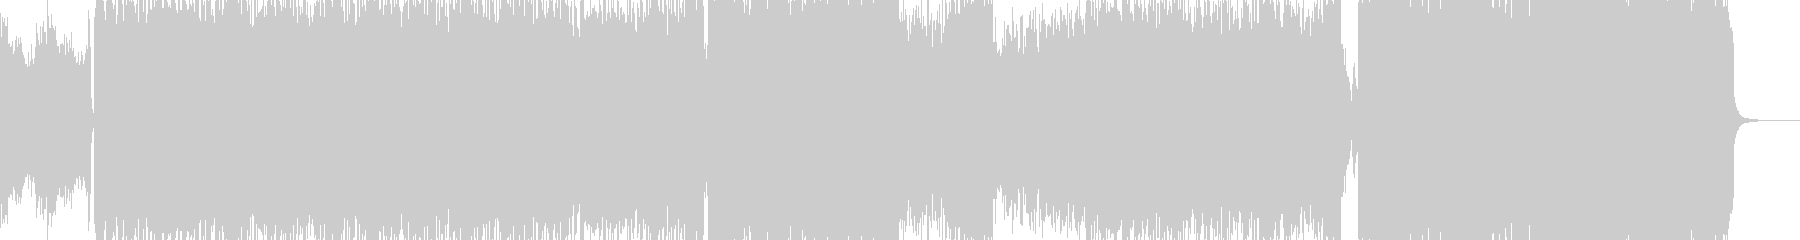 怒鬼・地獄の火炎・暴走するロック 長尺+の未再生の波形